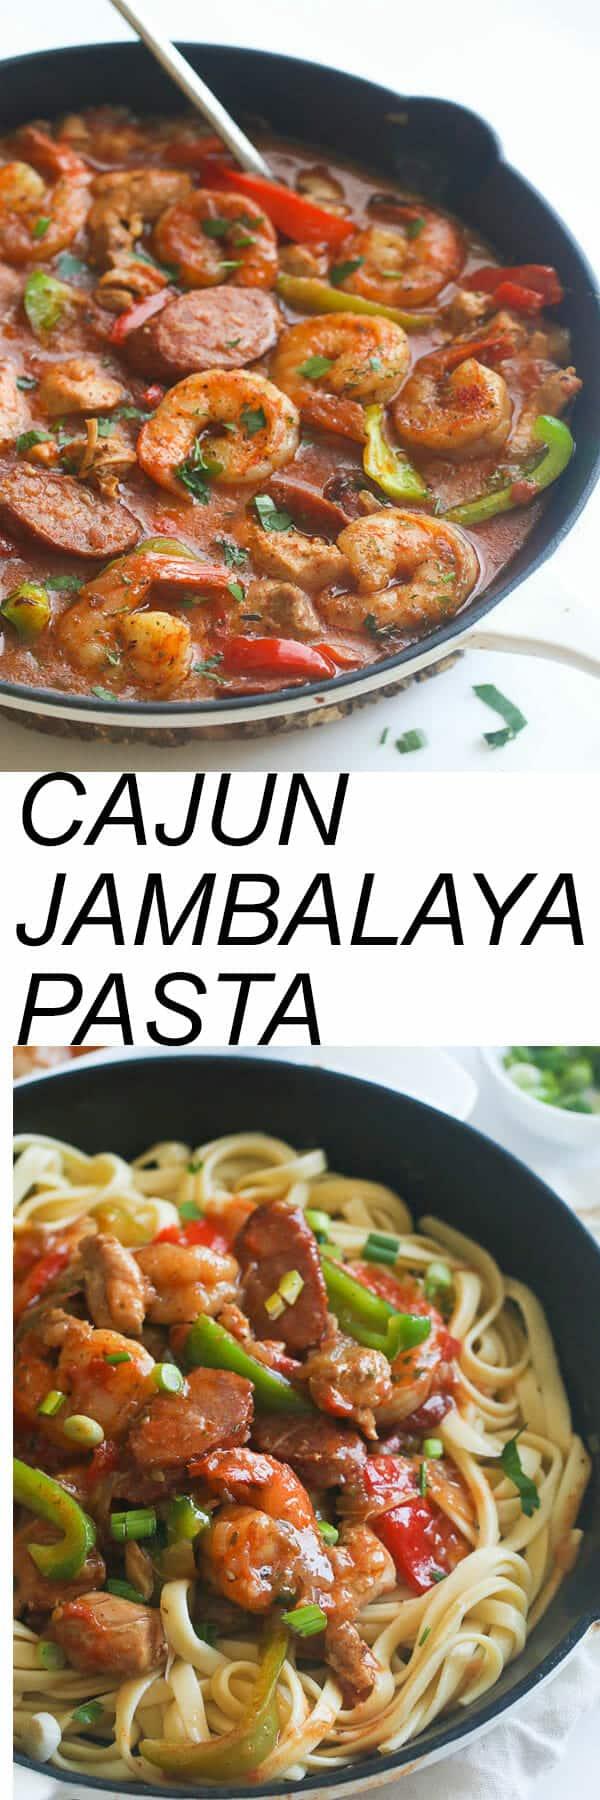 cajun-jambalaya-pasta